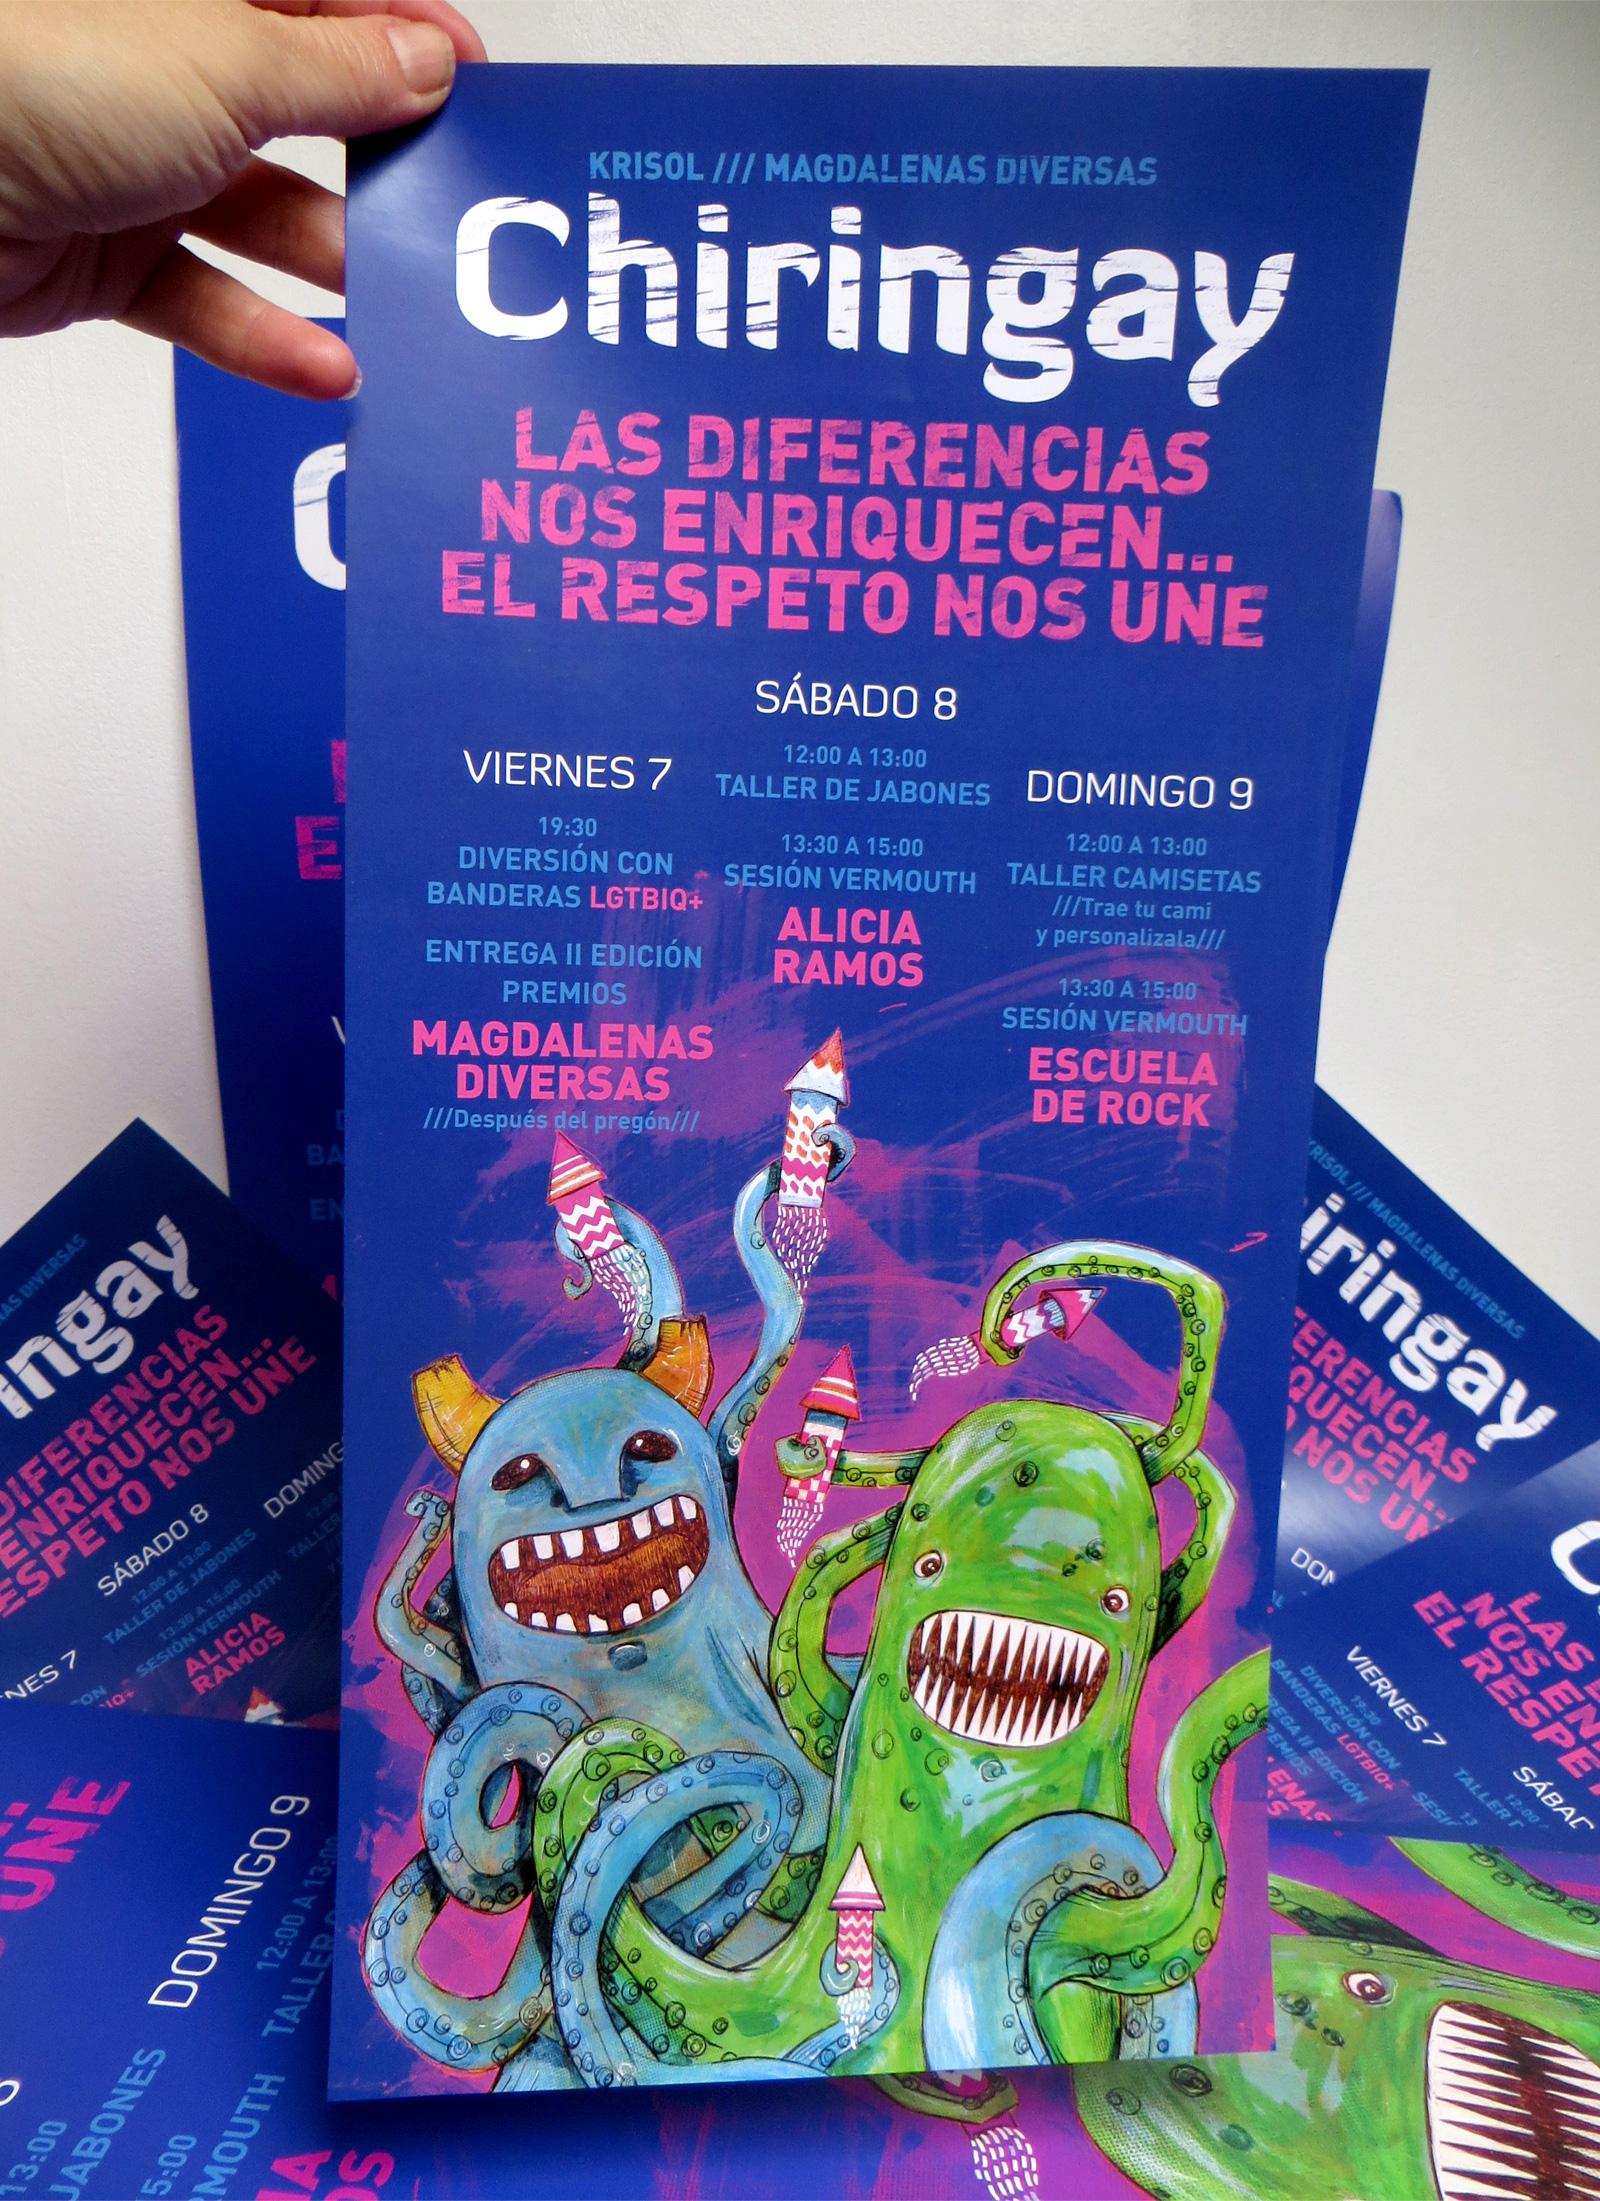 Cartel Chiringay. Laura Bustos Ilustración.